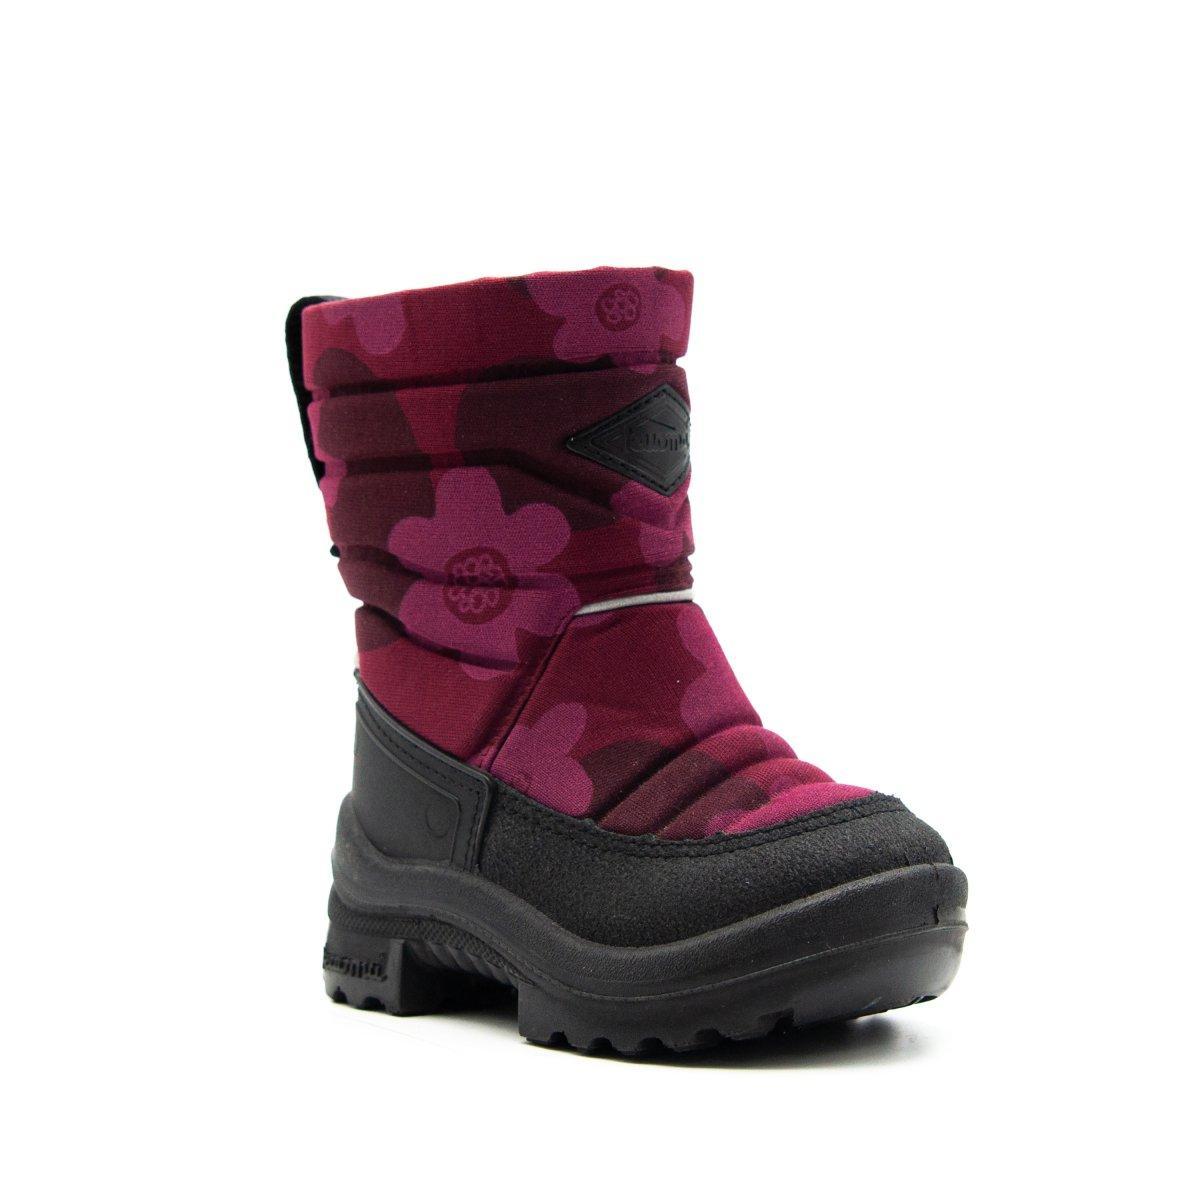 Обувь детская Putkivarsi wool, Bordeaux Flower - 23